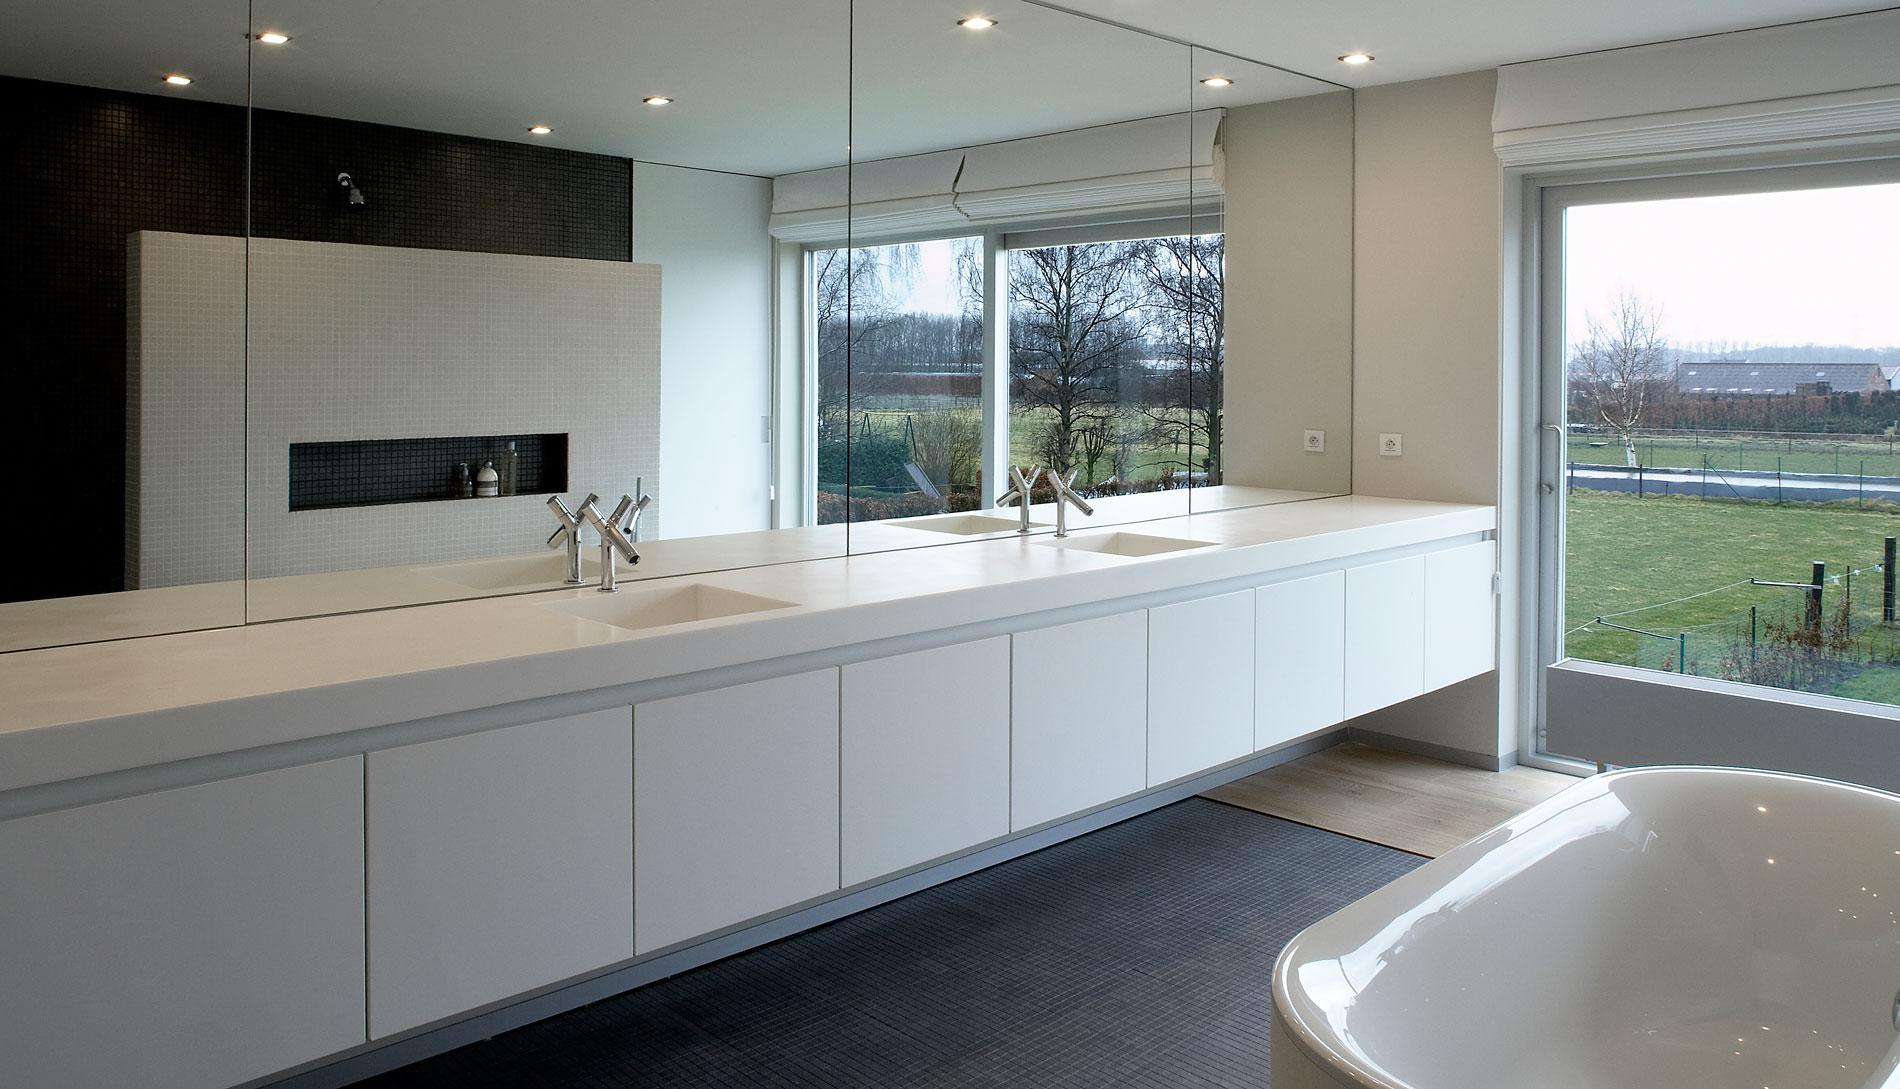 Keukens badkamers en interieur mp buyl gent en omgeving keukens mp buyl - Keuken uitgerust m ...